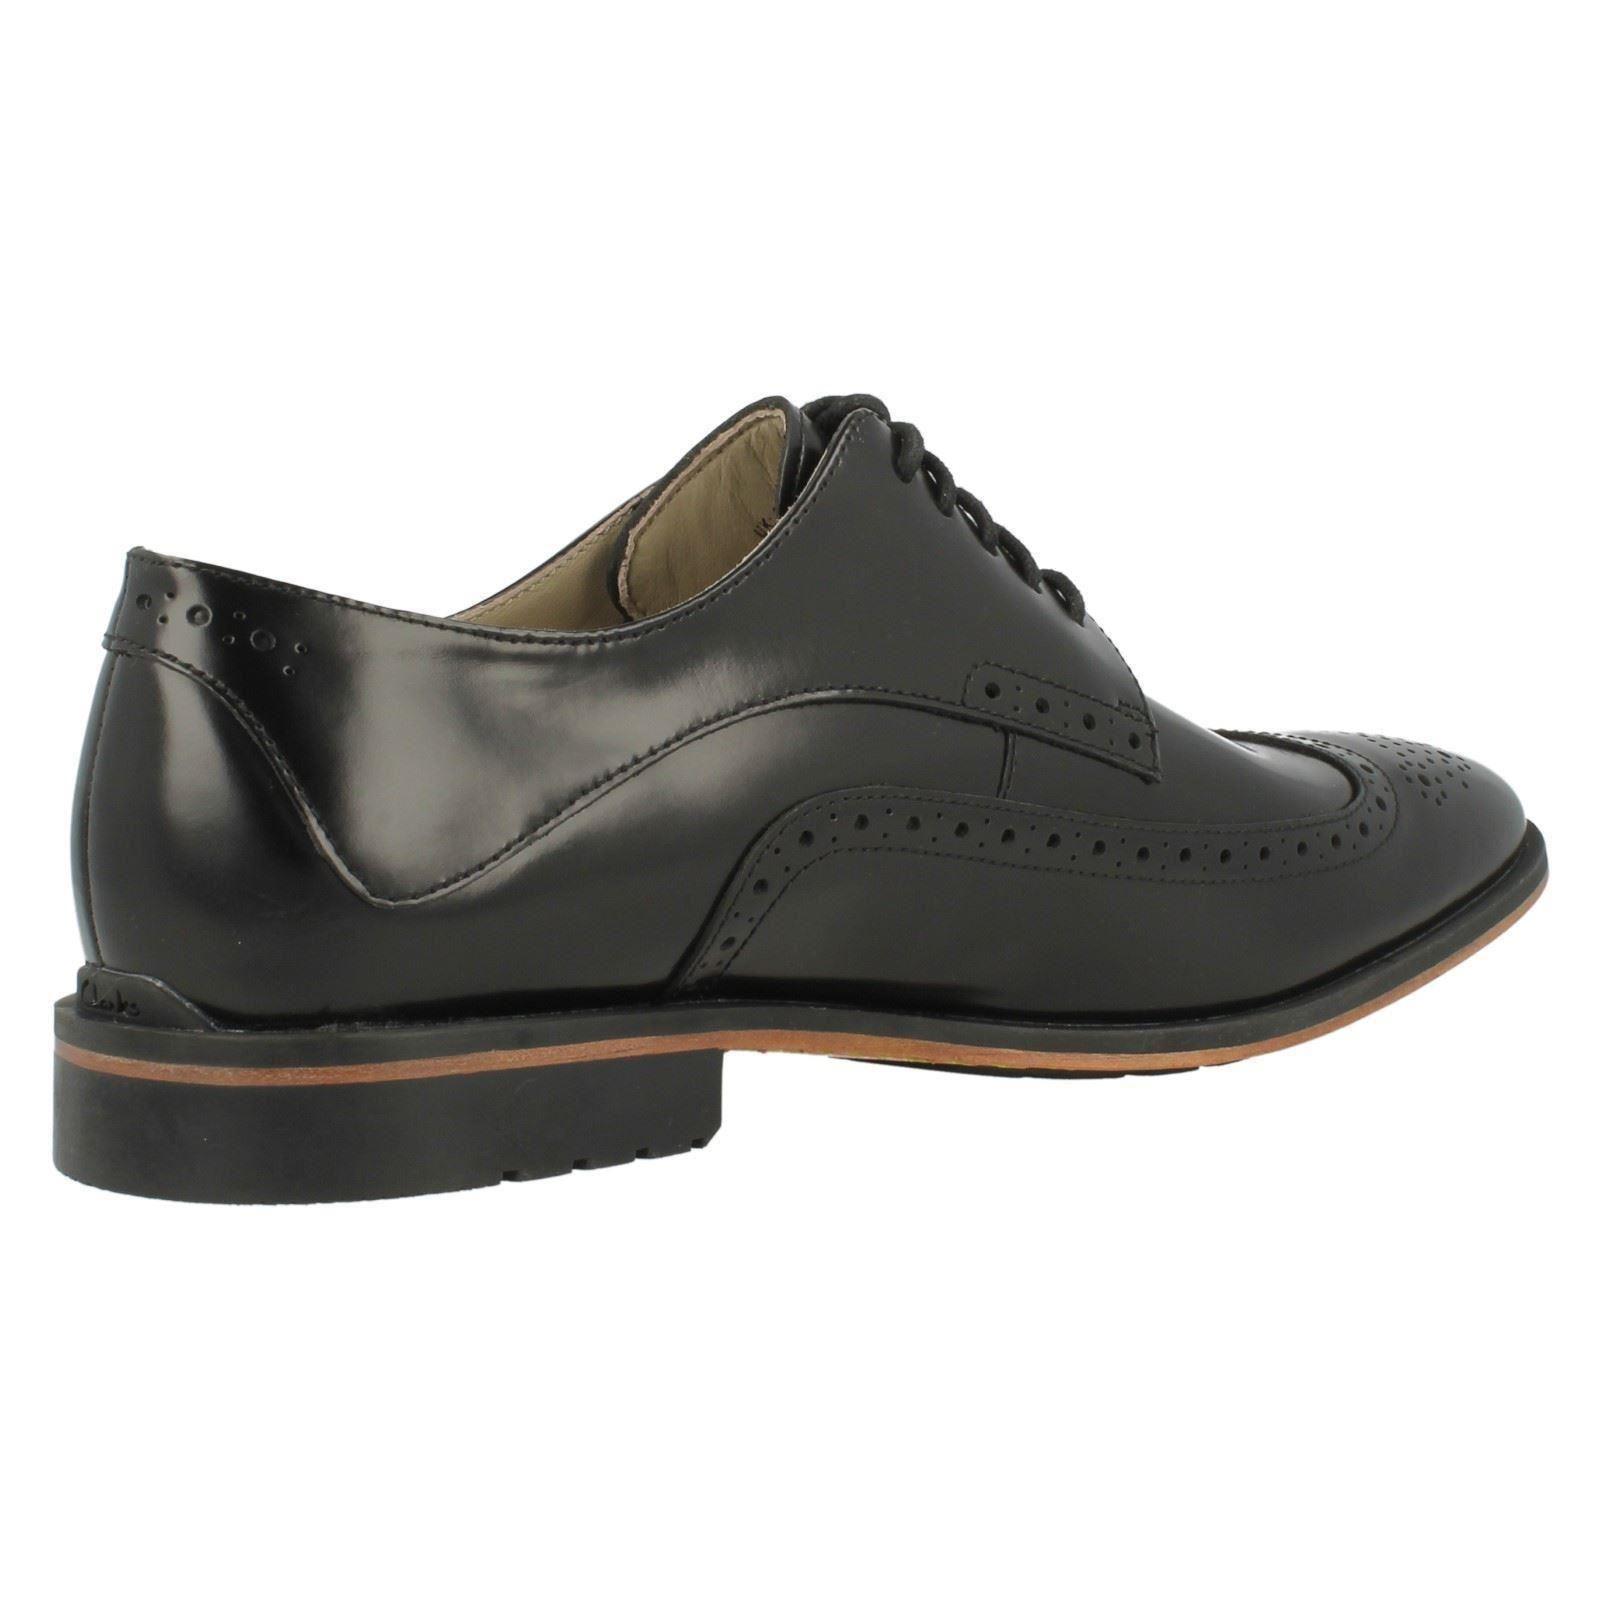 Para Hombre Clarks Formales el Zapatos el Formales estilo-gatley límite 189321